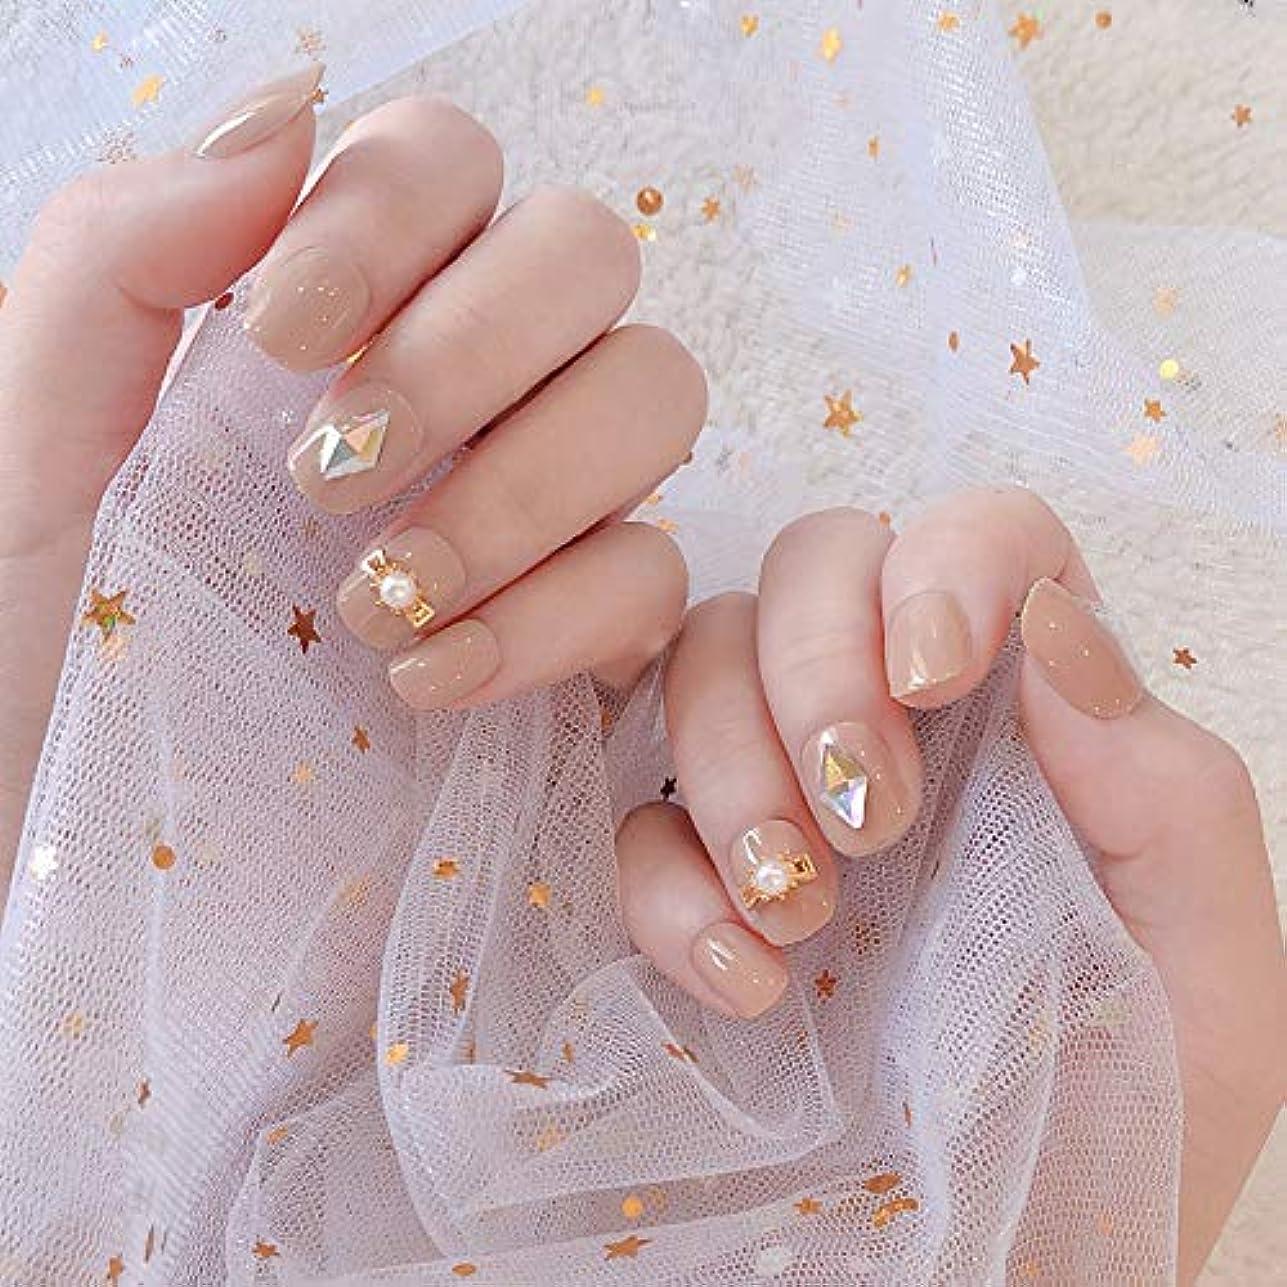 不愉快に接続された日付XUTXZKA 光沢のあるダイヤモンド花嫁ネイルアートグリッド花ネイルステッカーショートフルカバー偽の爪